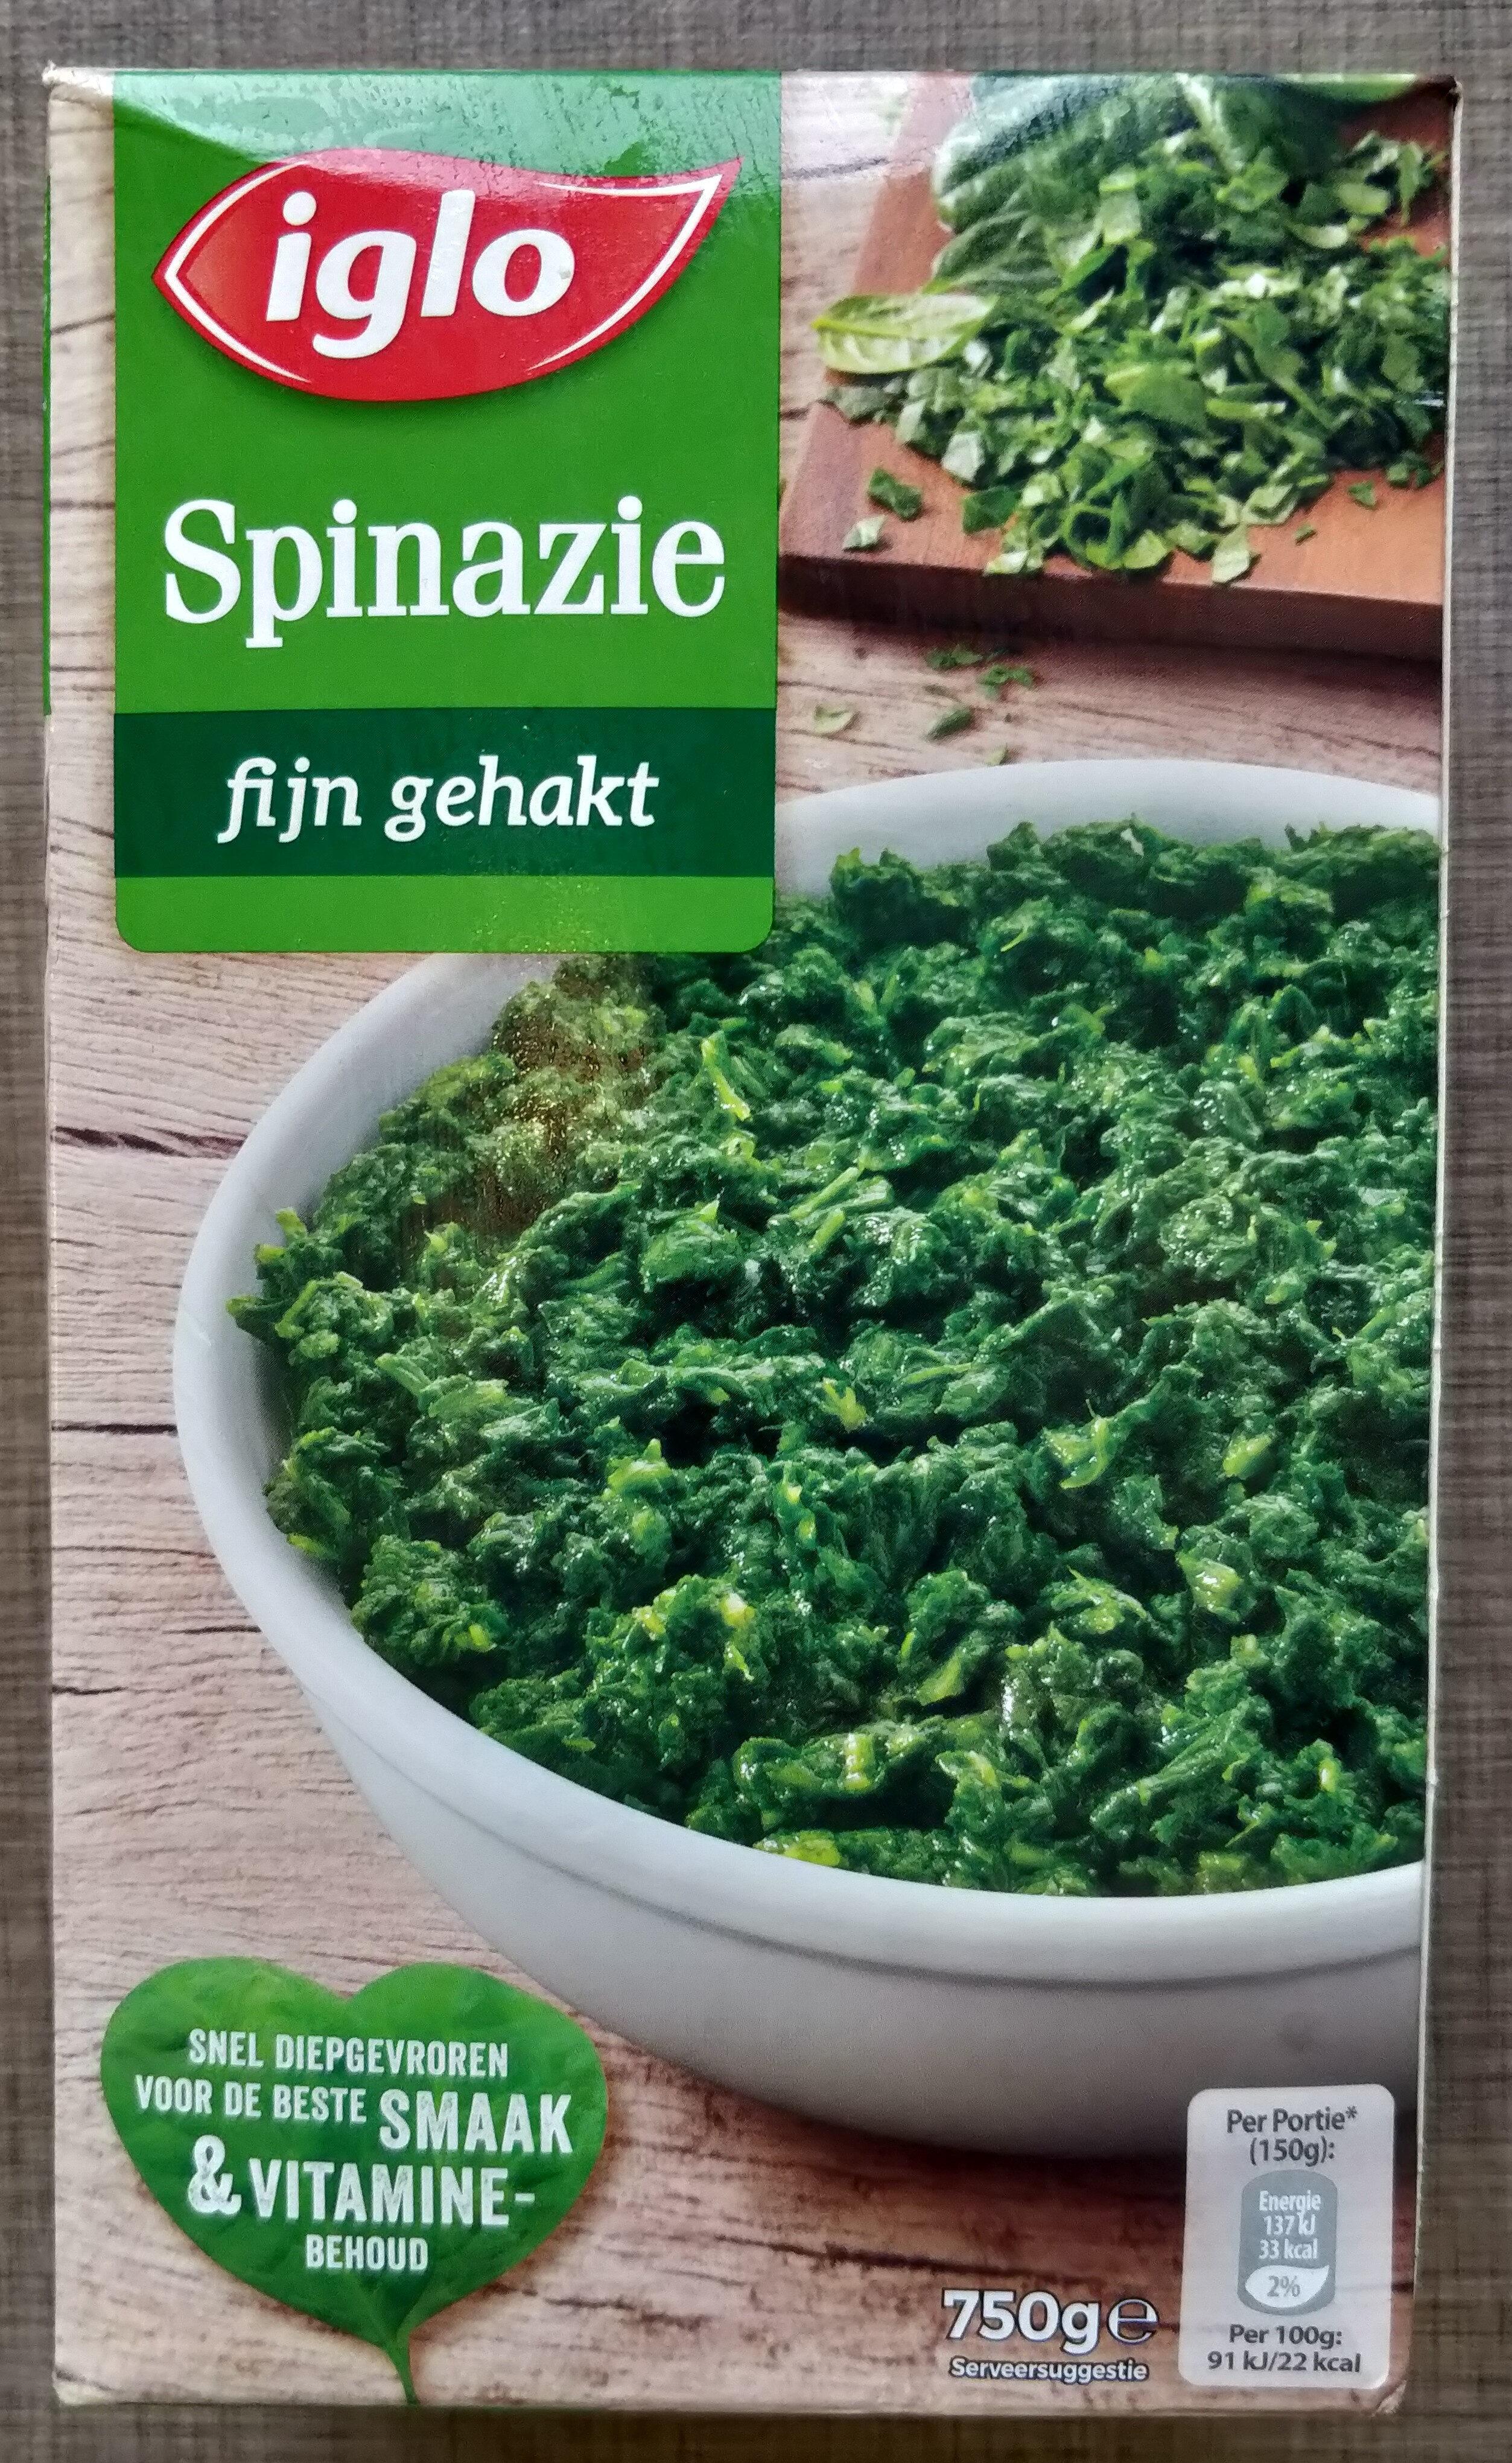 Spinazie, fijn gehakt, deelblokjes - Product - nl